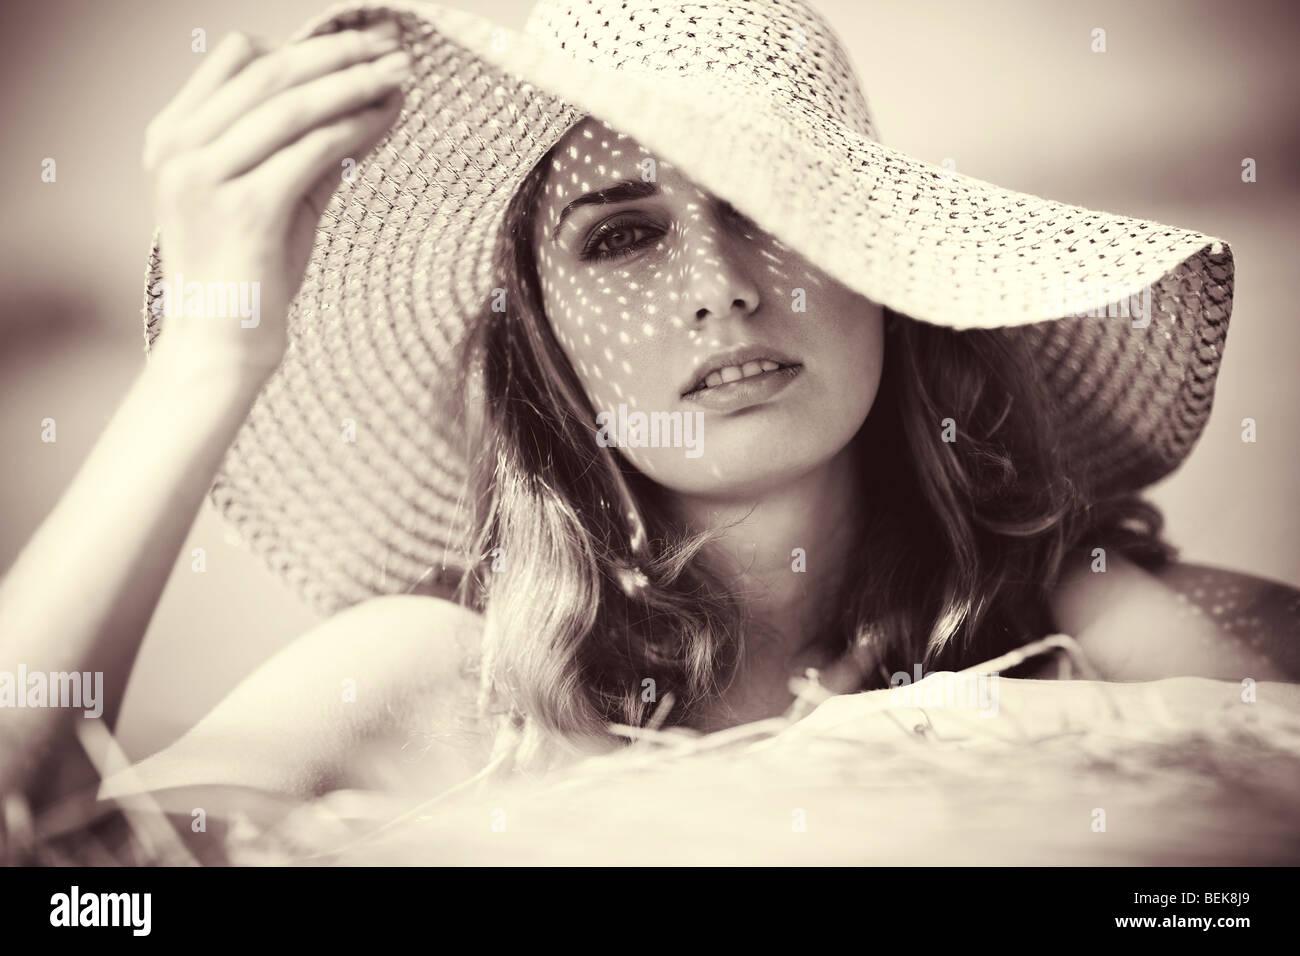 Jeune Femme au chapeau portrait. Teinte jaune doux. Banque D'Images